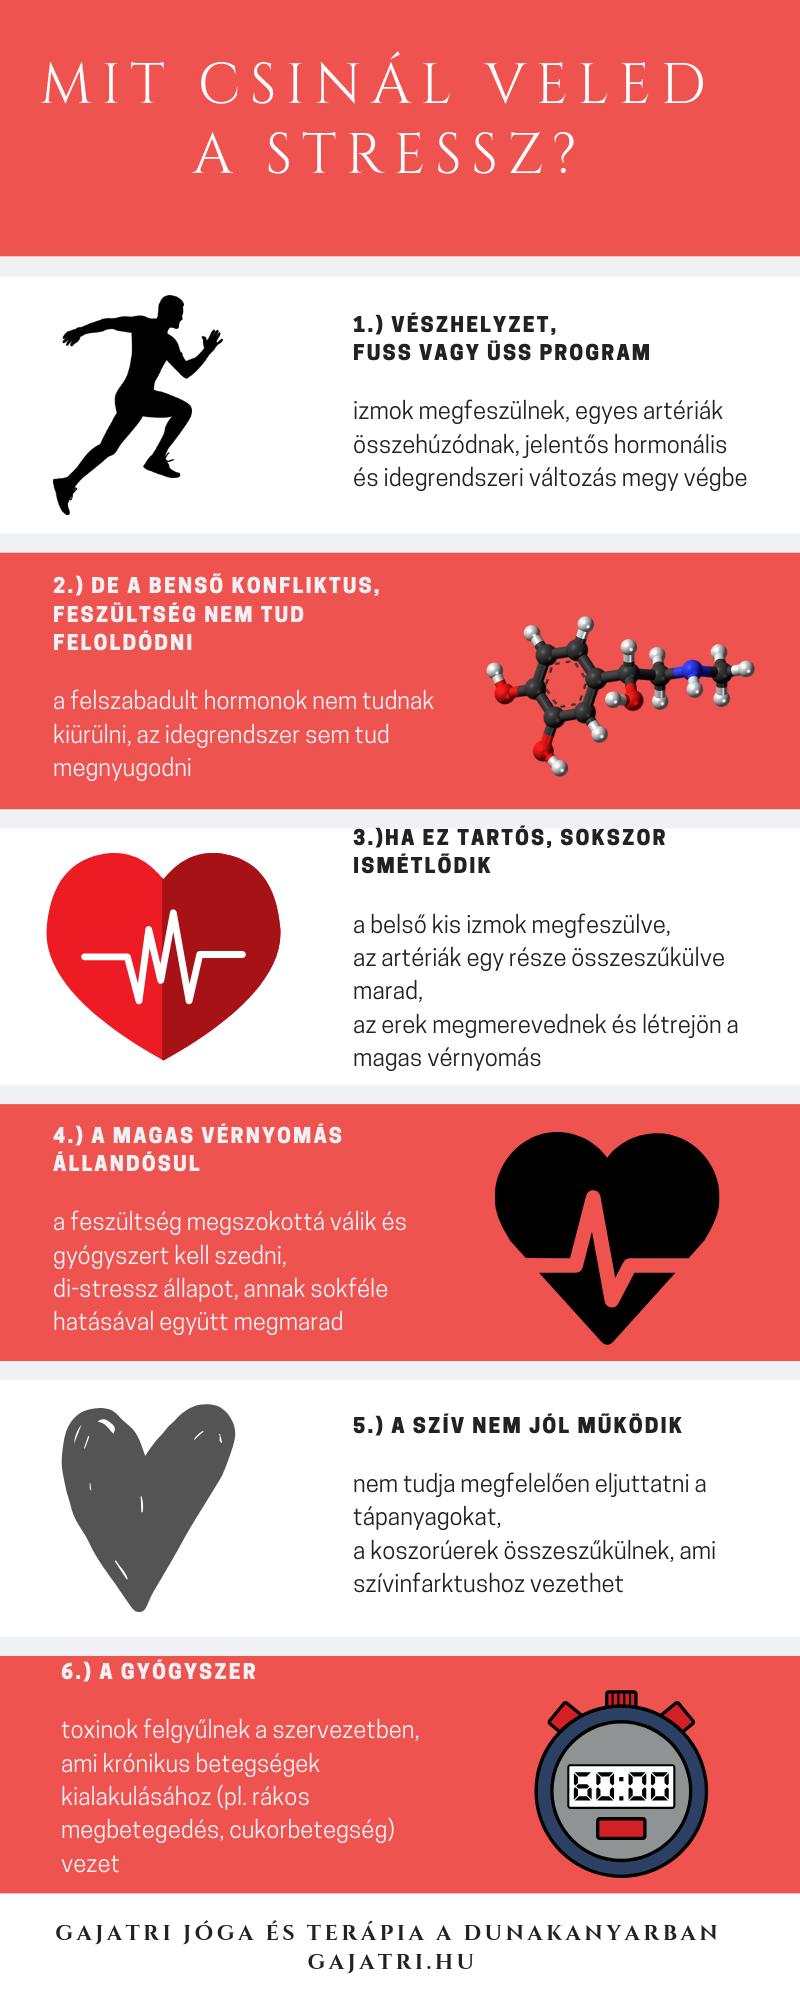 magas vérnyomás kérdés-válasz)